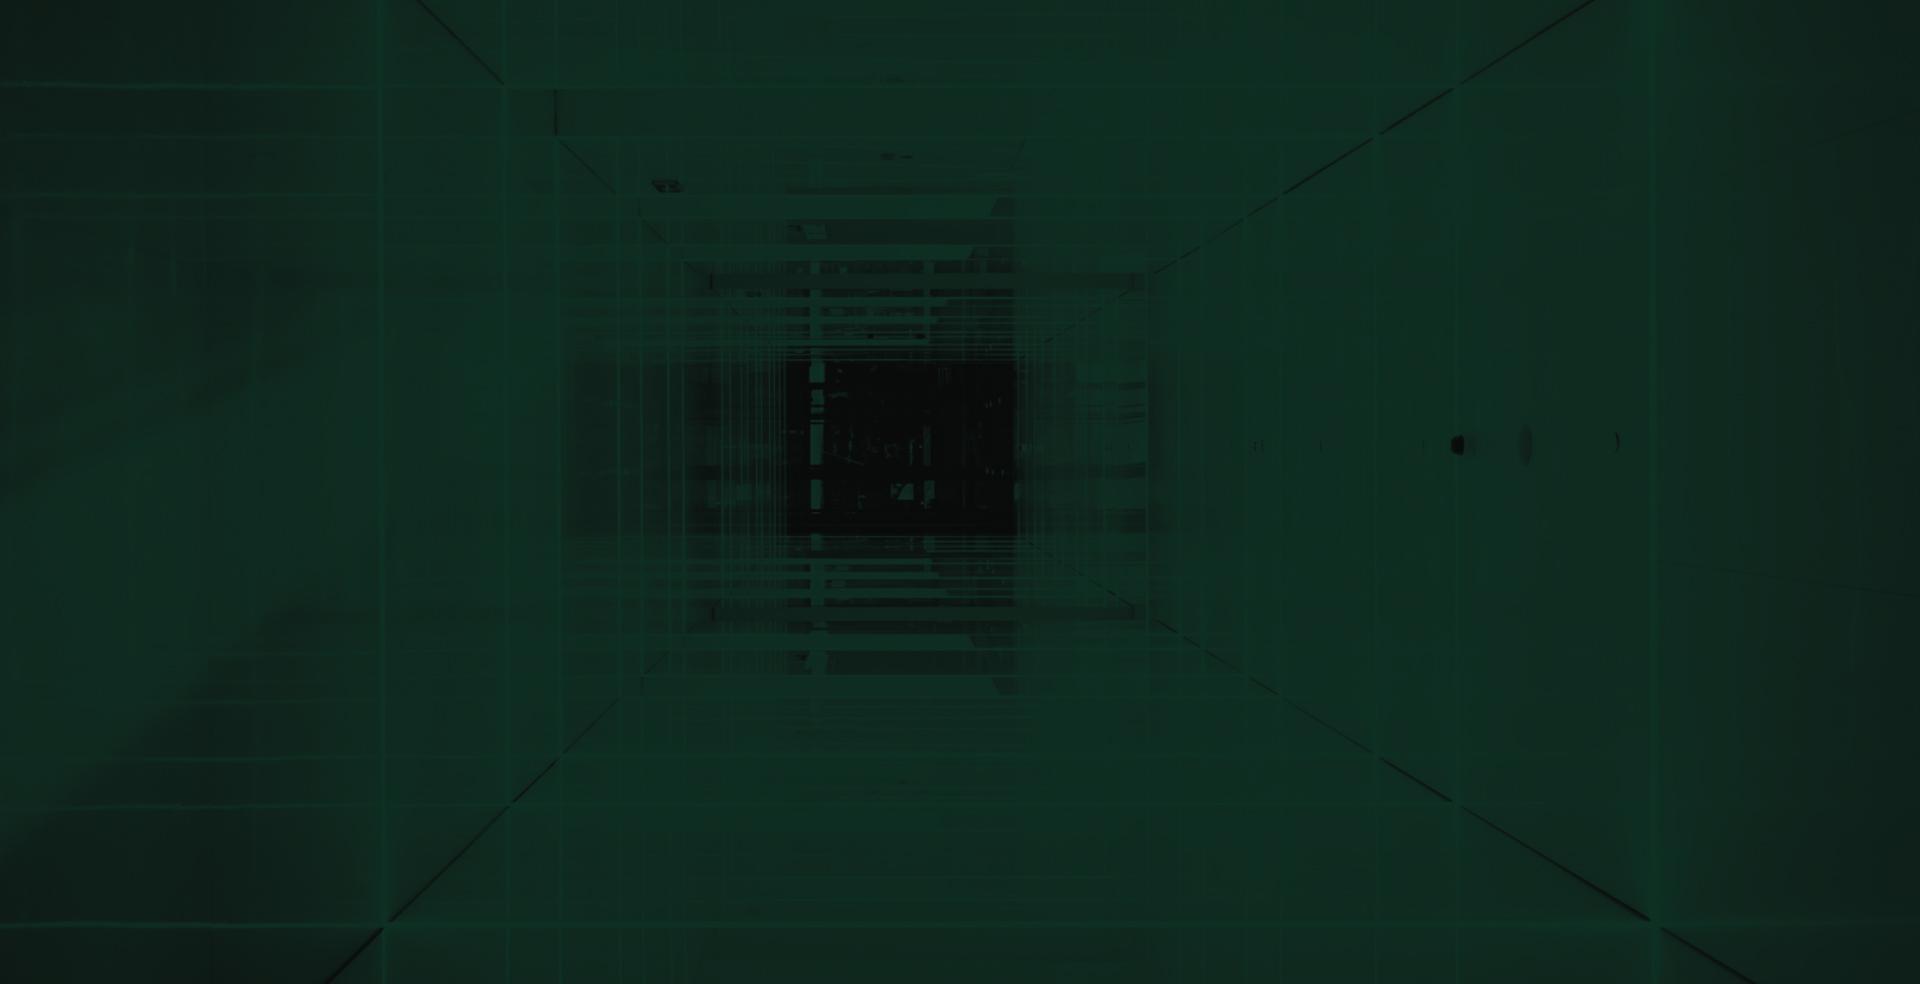 duotone1.jpg